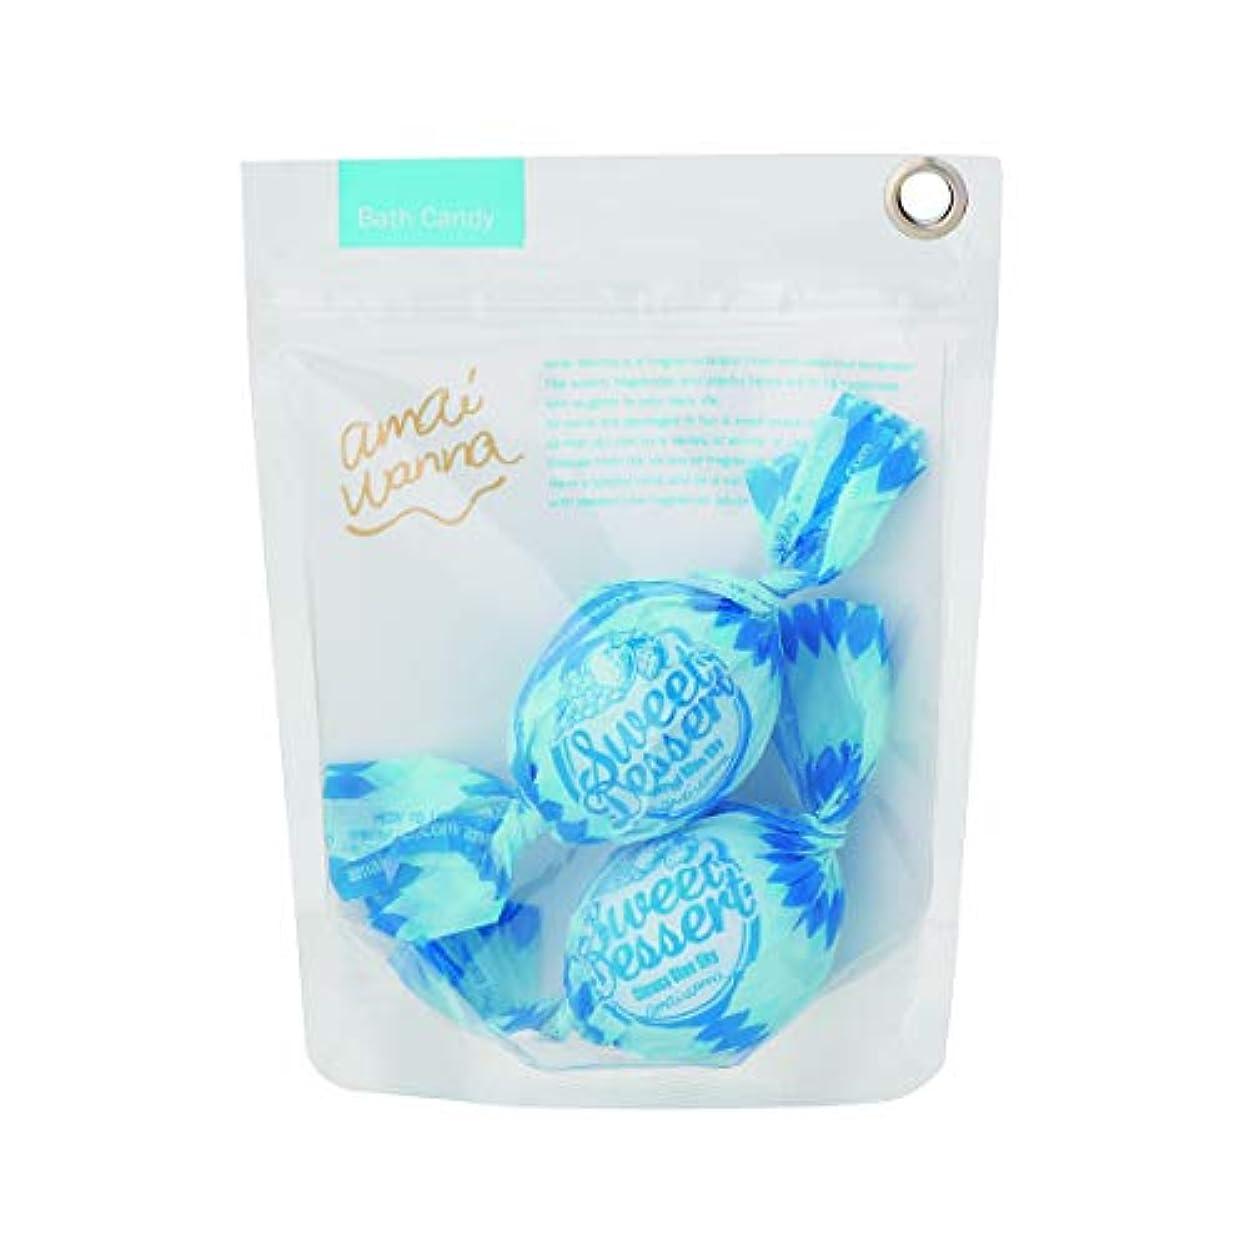 感情息子マキシムアマイワナ バスキャンディーバッグ 青空シトラス 35g×2(発泡タイプ入浴料 2回分 おおらかで凛としたシトラスの香り)